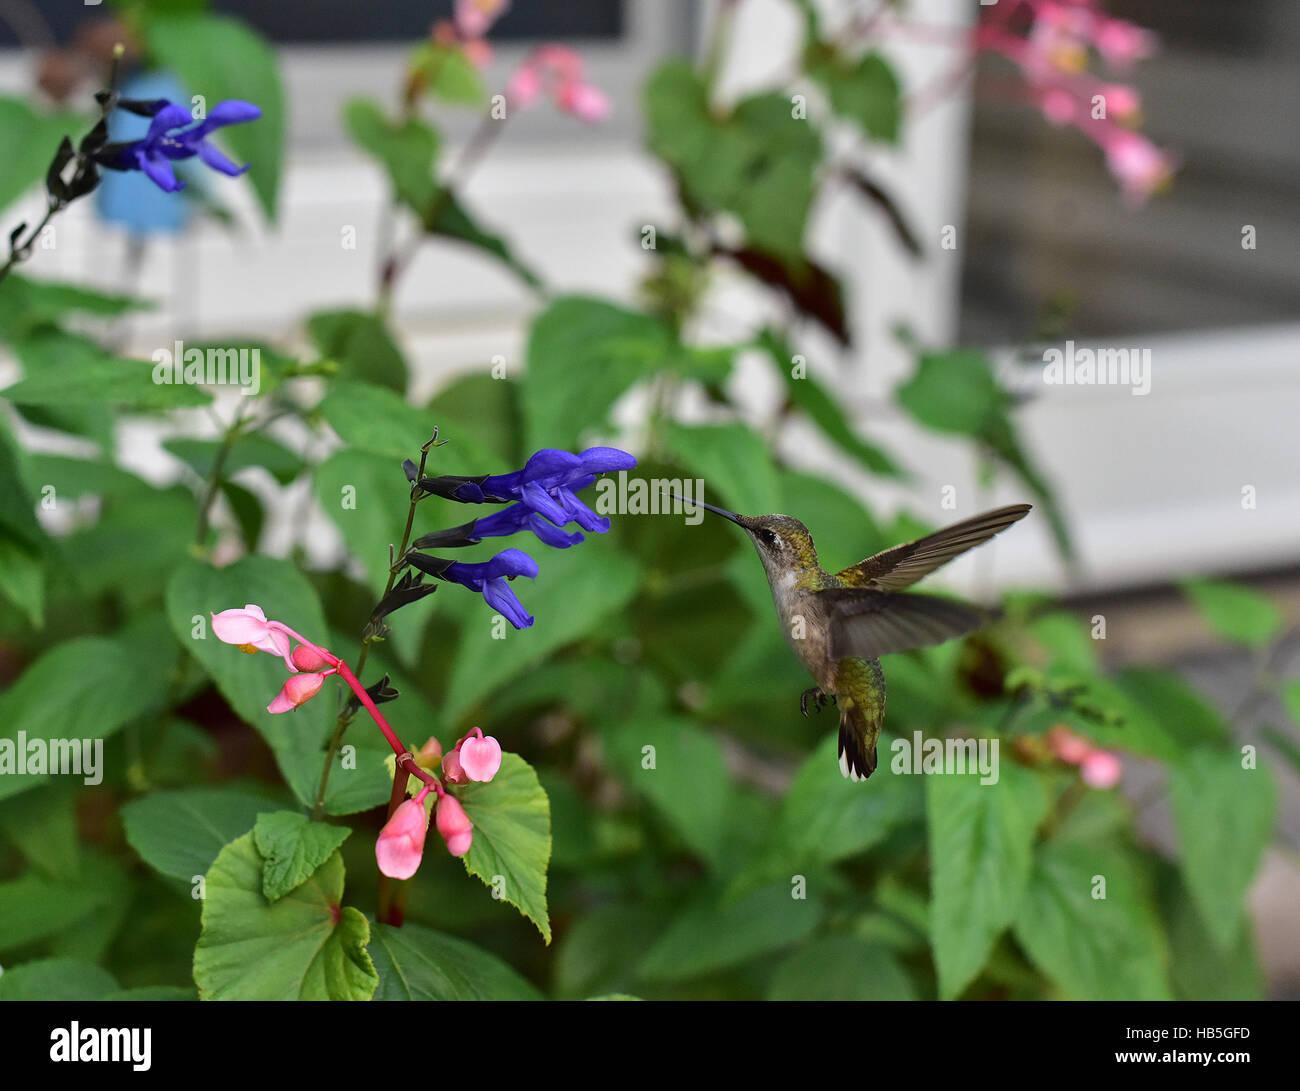 Hummingbird (Archilochus colubris) flotando a inspeccionar una flor de un arbusto de mariposas (Asclepias syriaca) antes de reunir su néctar. Foto de stock